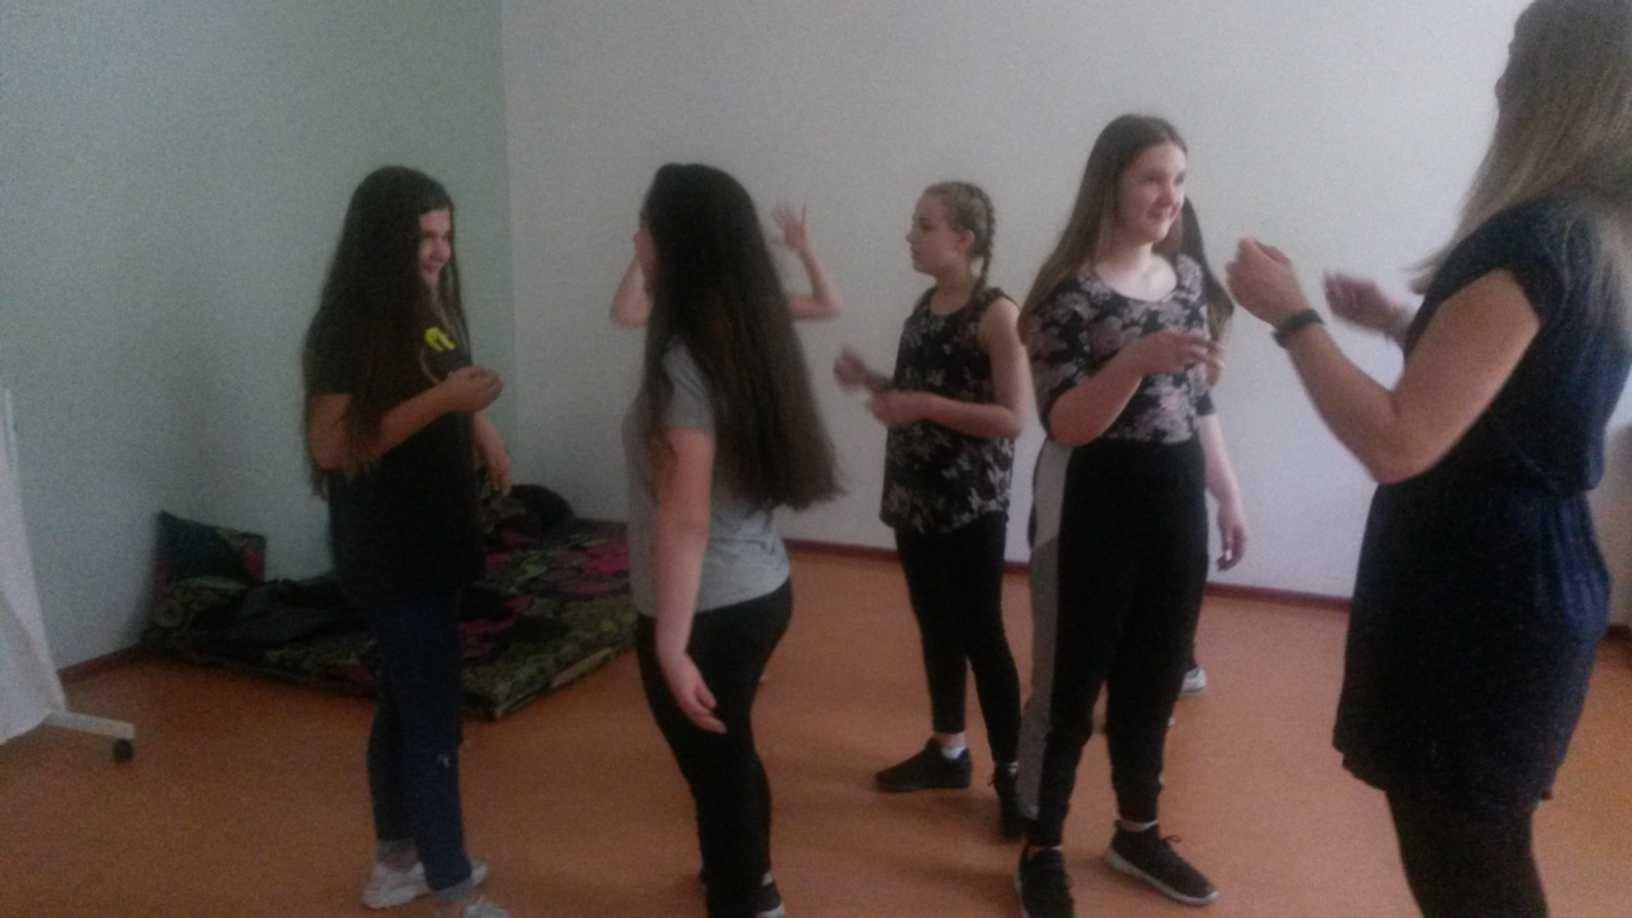 Klettergurt Mädchen : Neustadt ausflug nach geiselwind mädchen klettern hoch hinaus